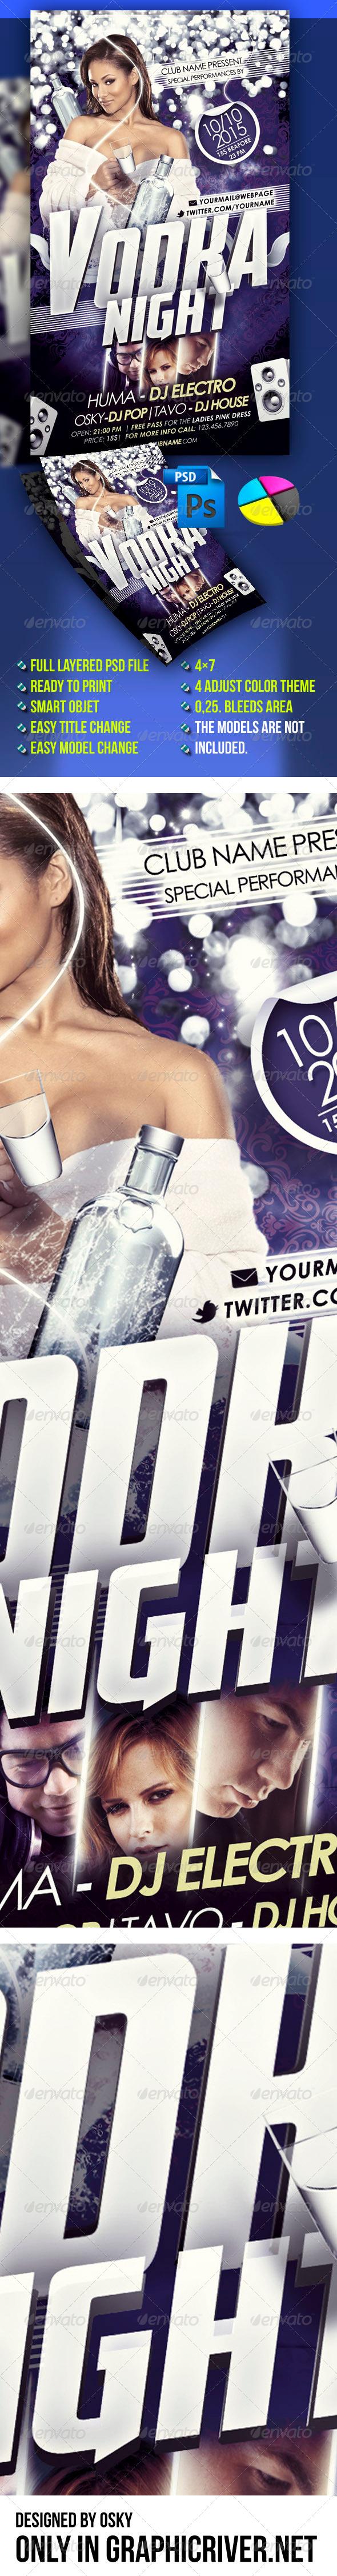 GraphicRiver Vodka Night 3864776